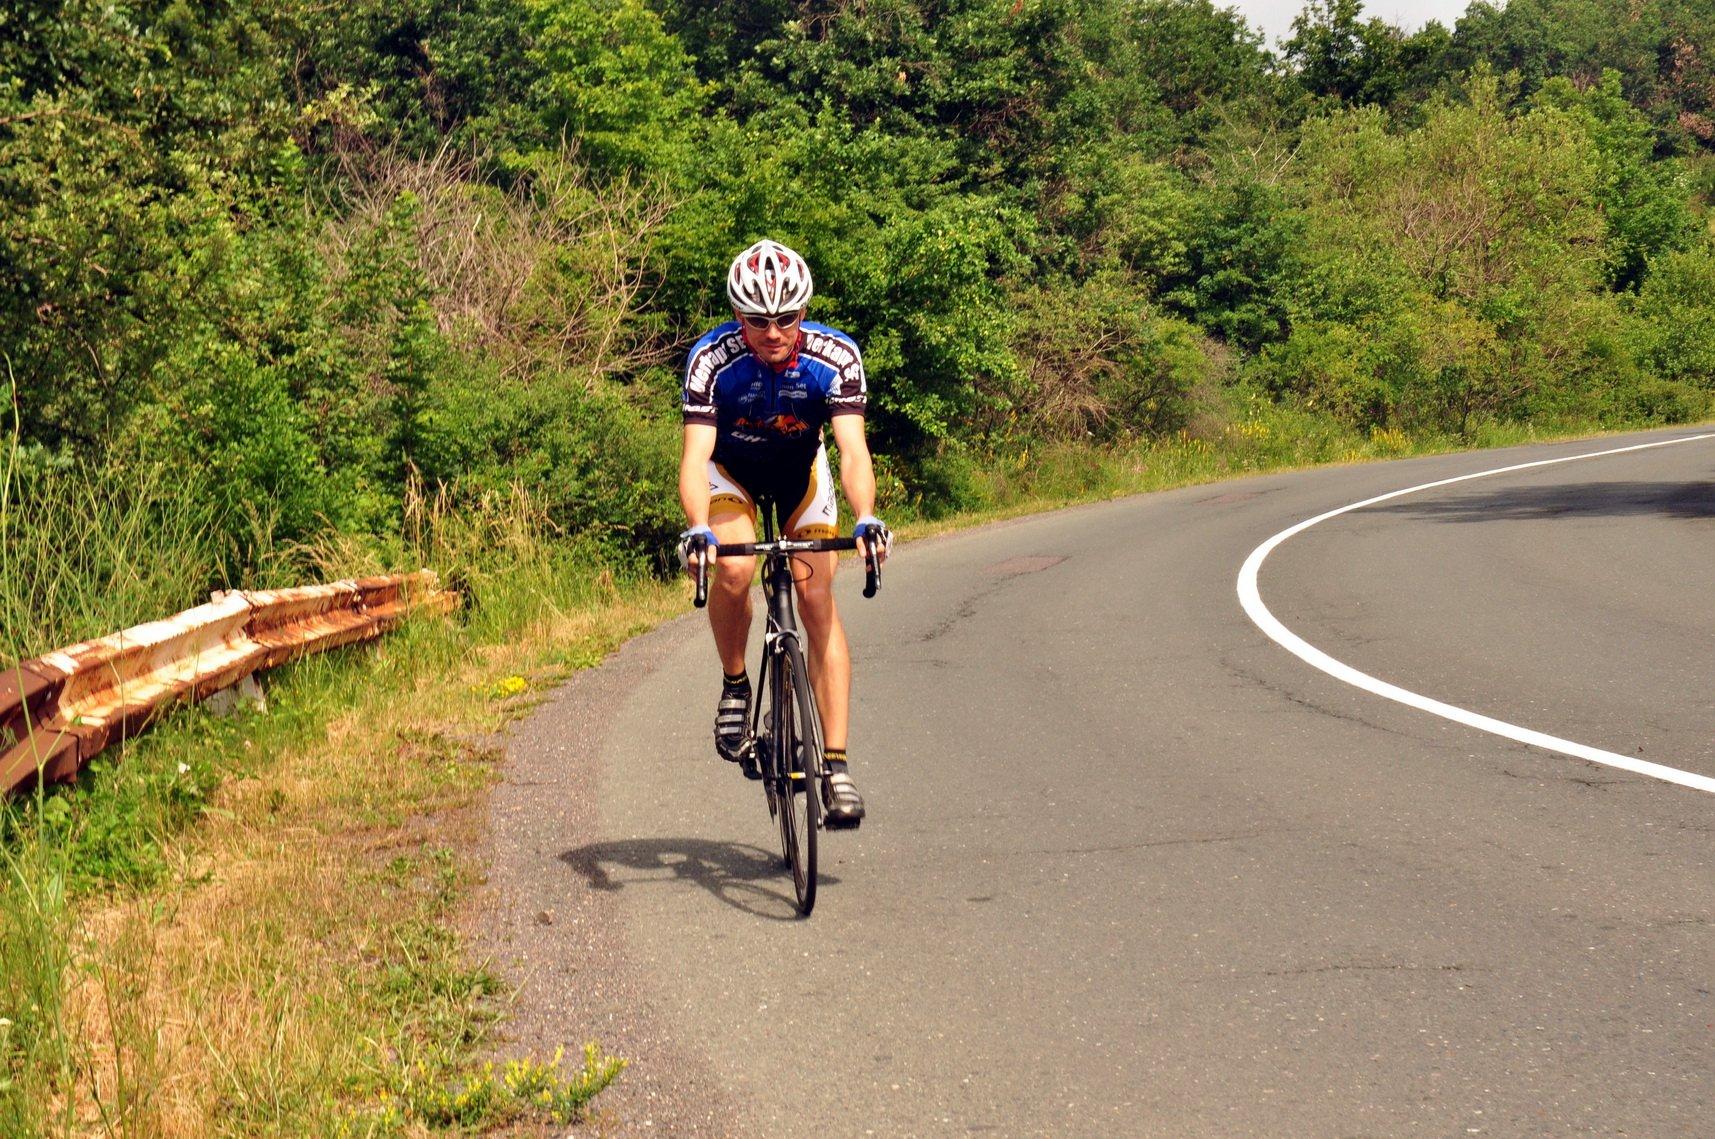 Gyakorolja a kerékpárt ártalmat prosztatitis